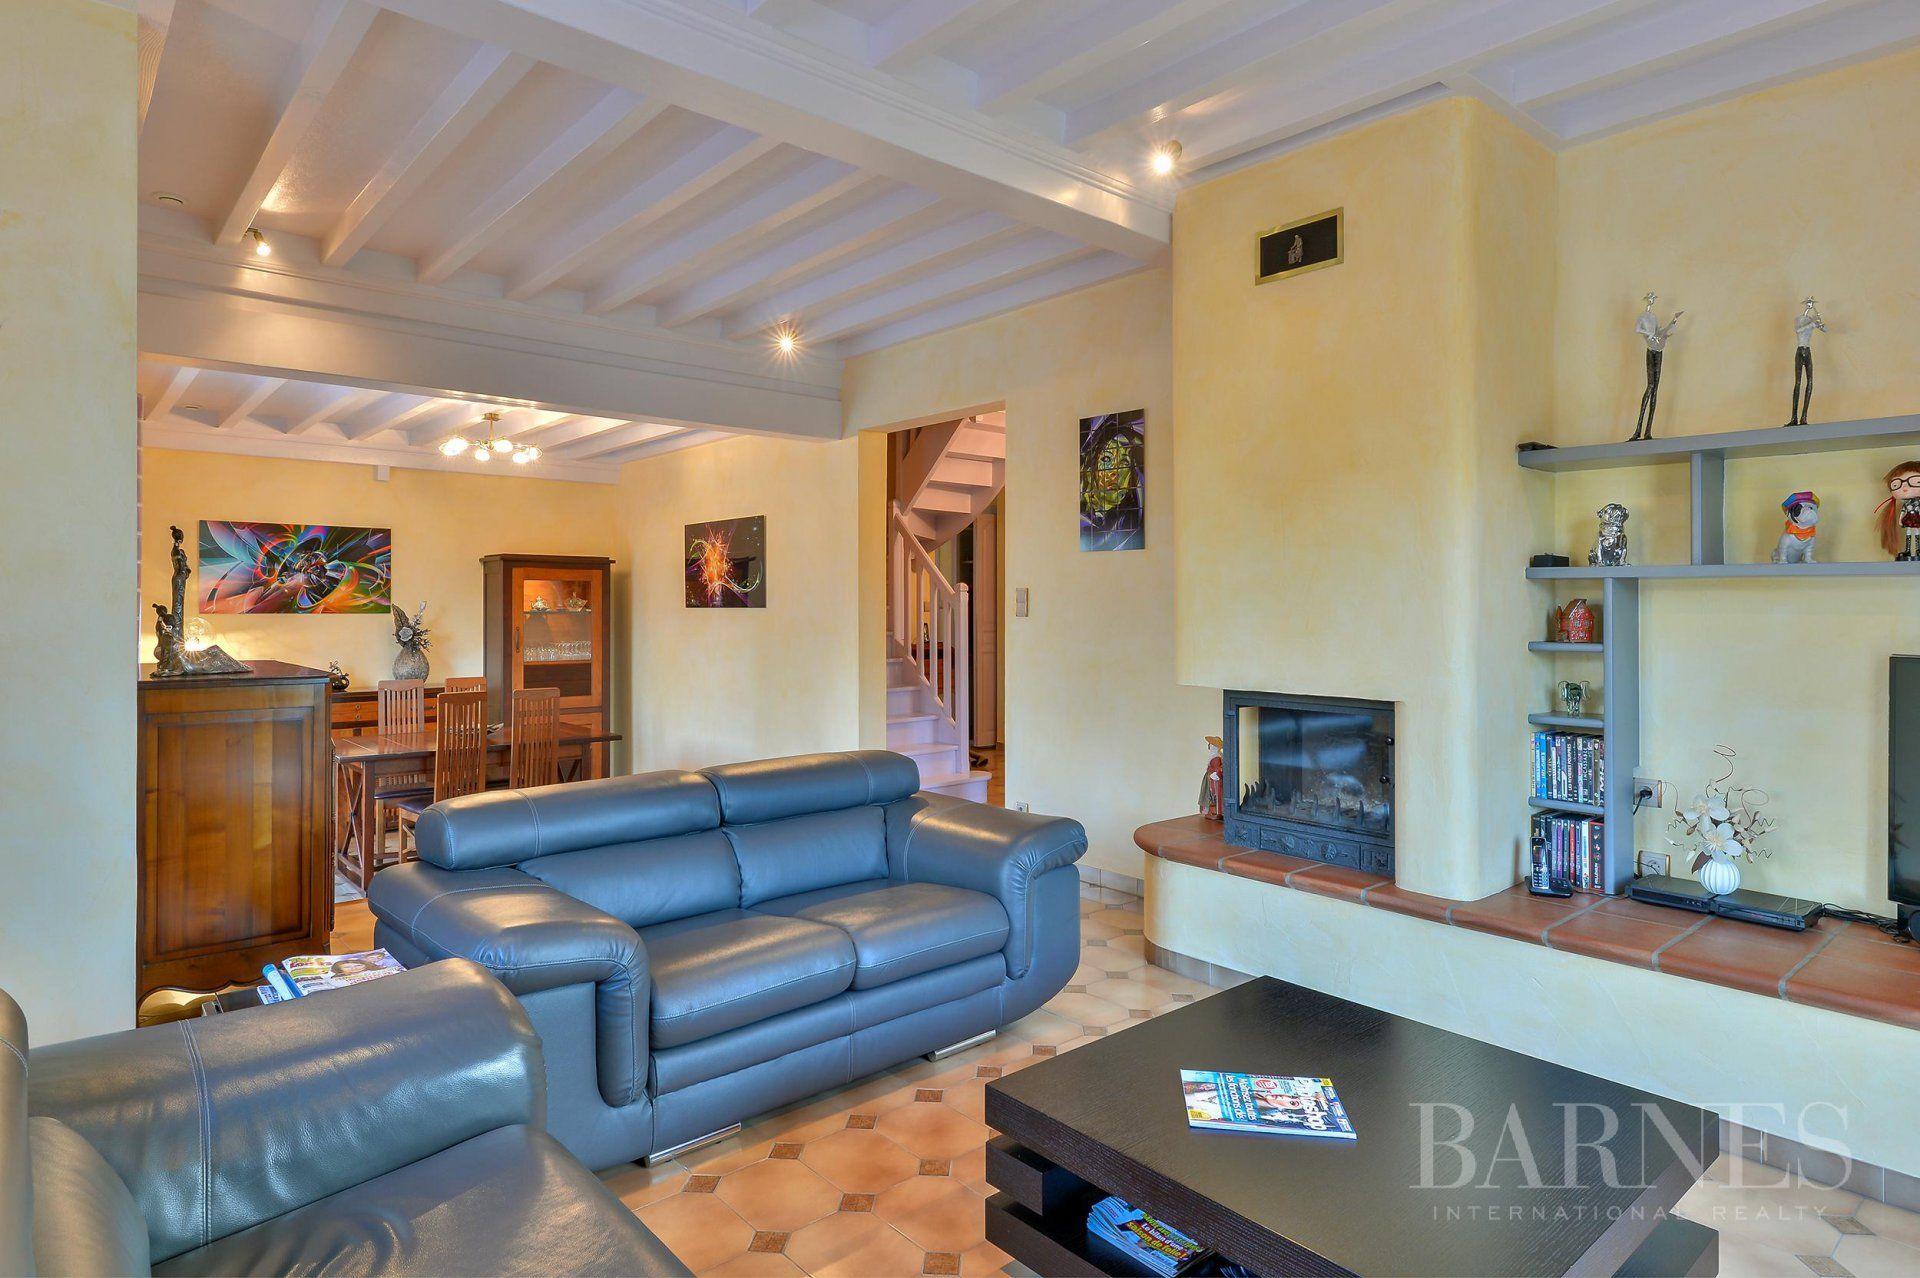 Arnas - Villa of 158 sqm - Plot of 1,056 sqm - 3 bedrooms